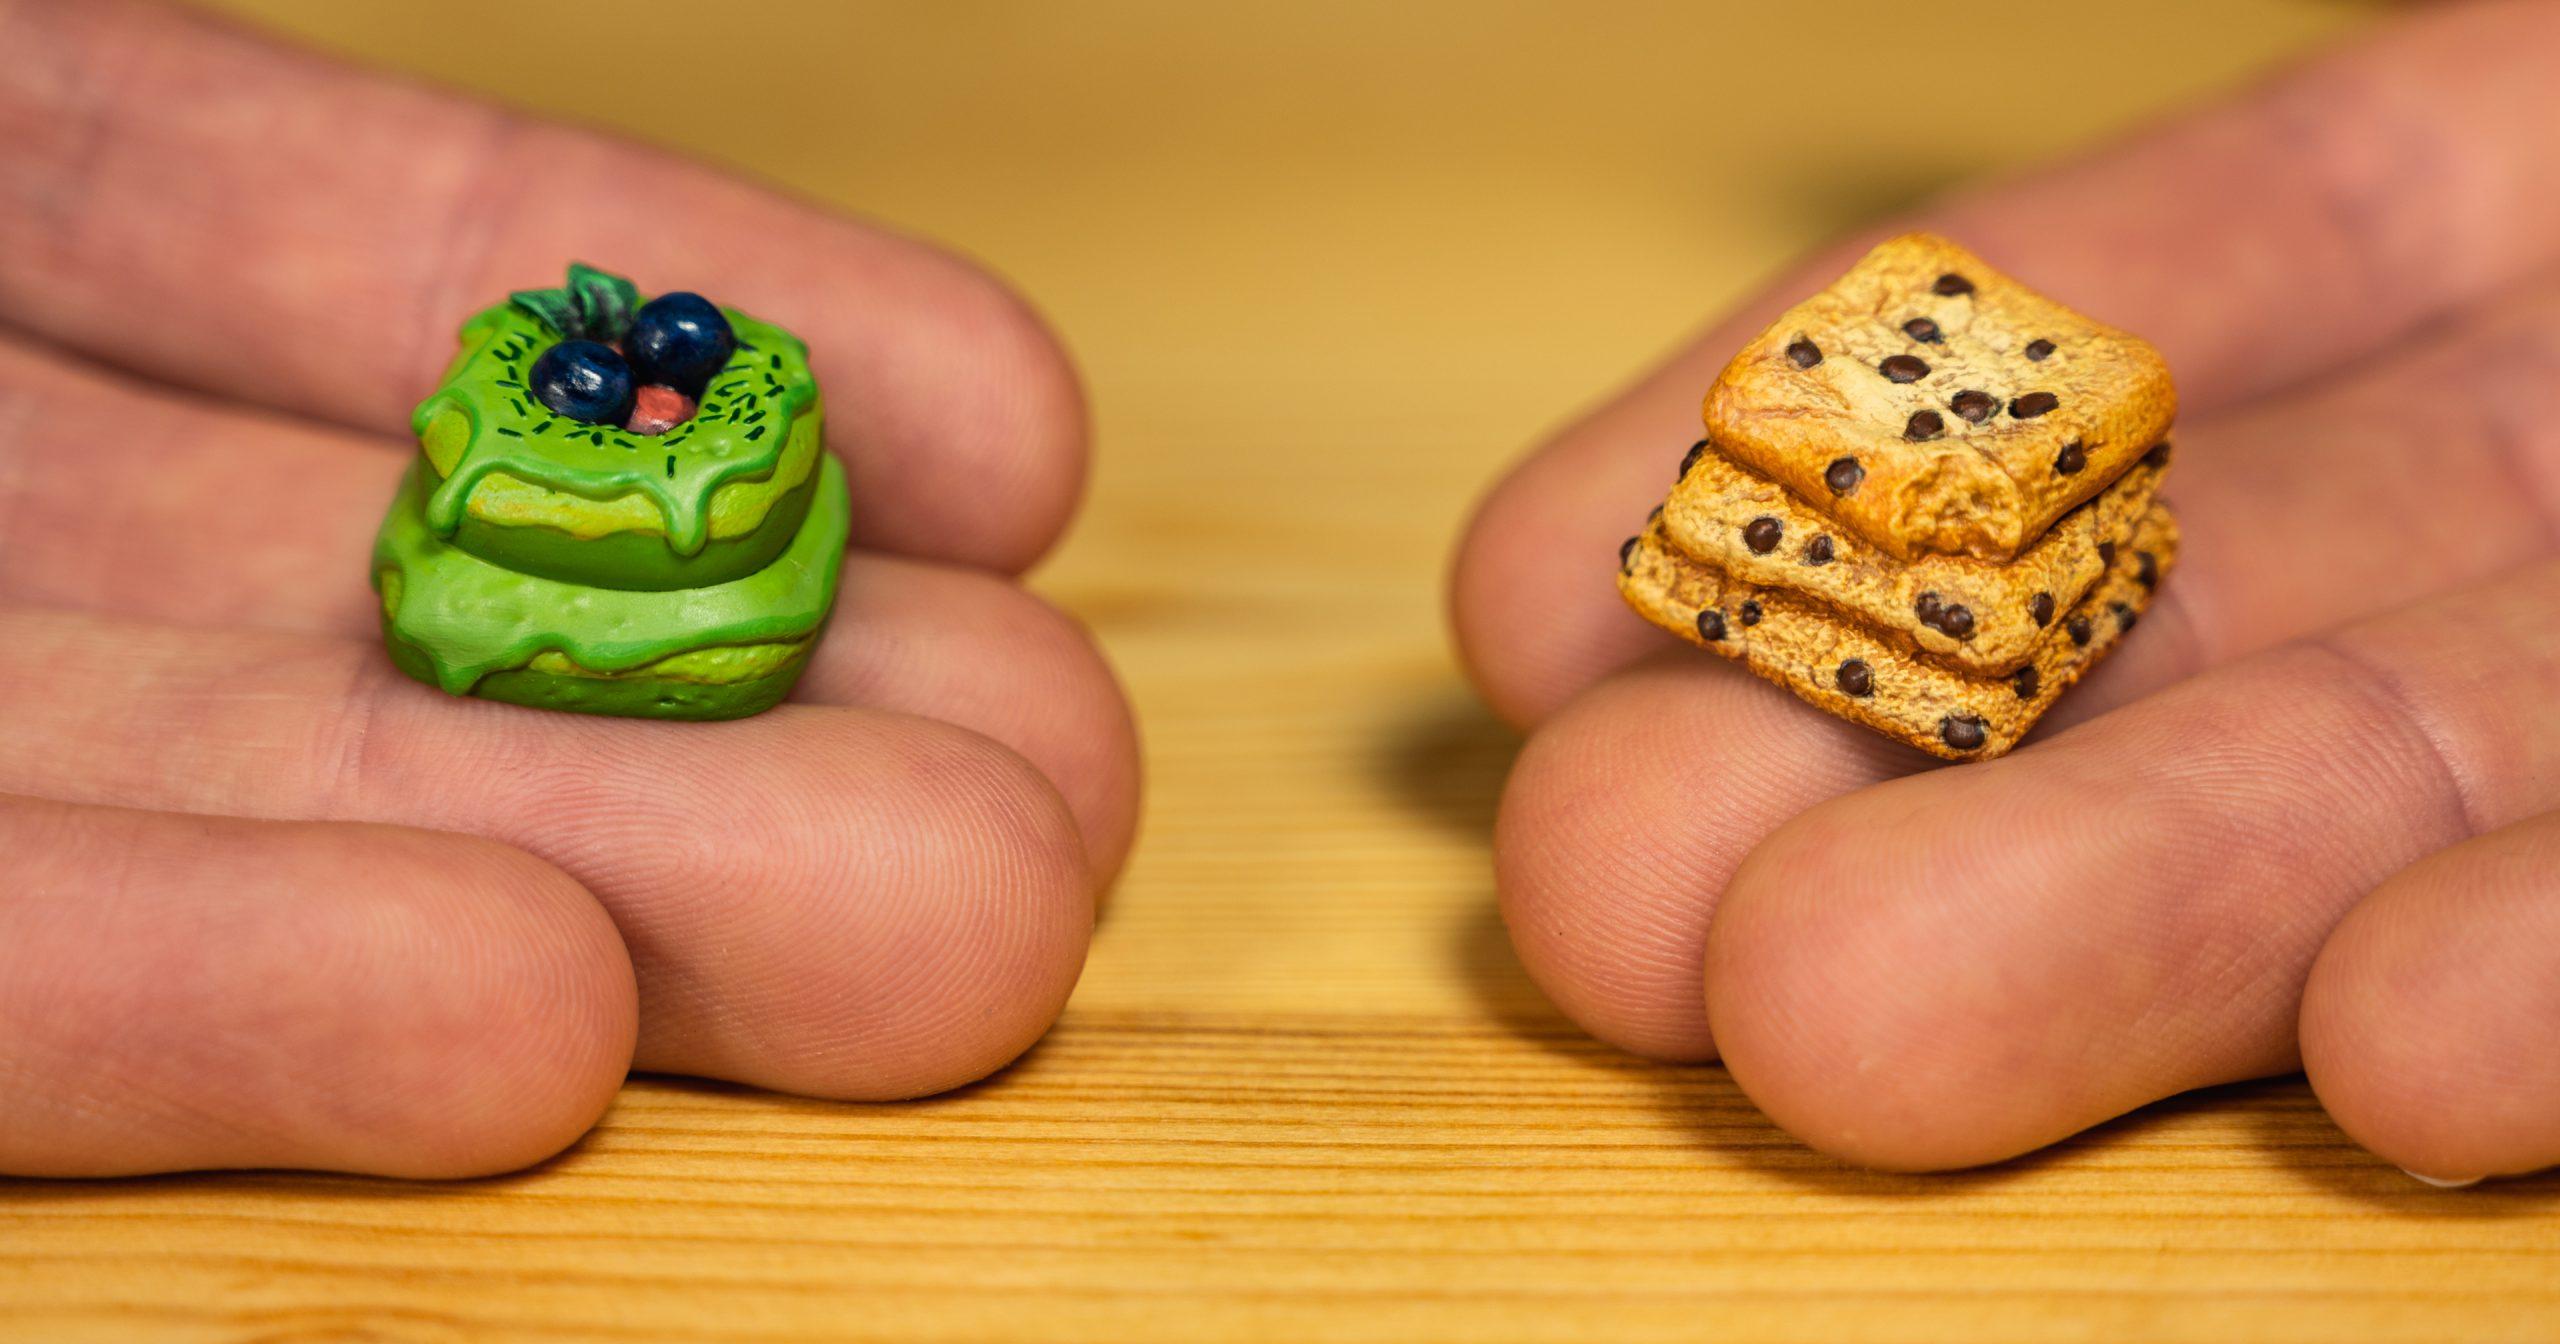 Foto van de Matcha Berry Donut (links) en de Chippy Cookies (rechts), beide custom keycaps van Dwarf Factory.